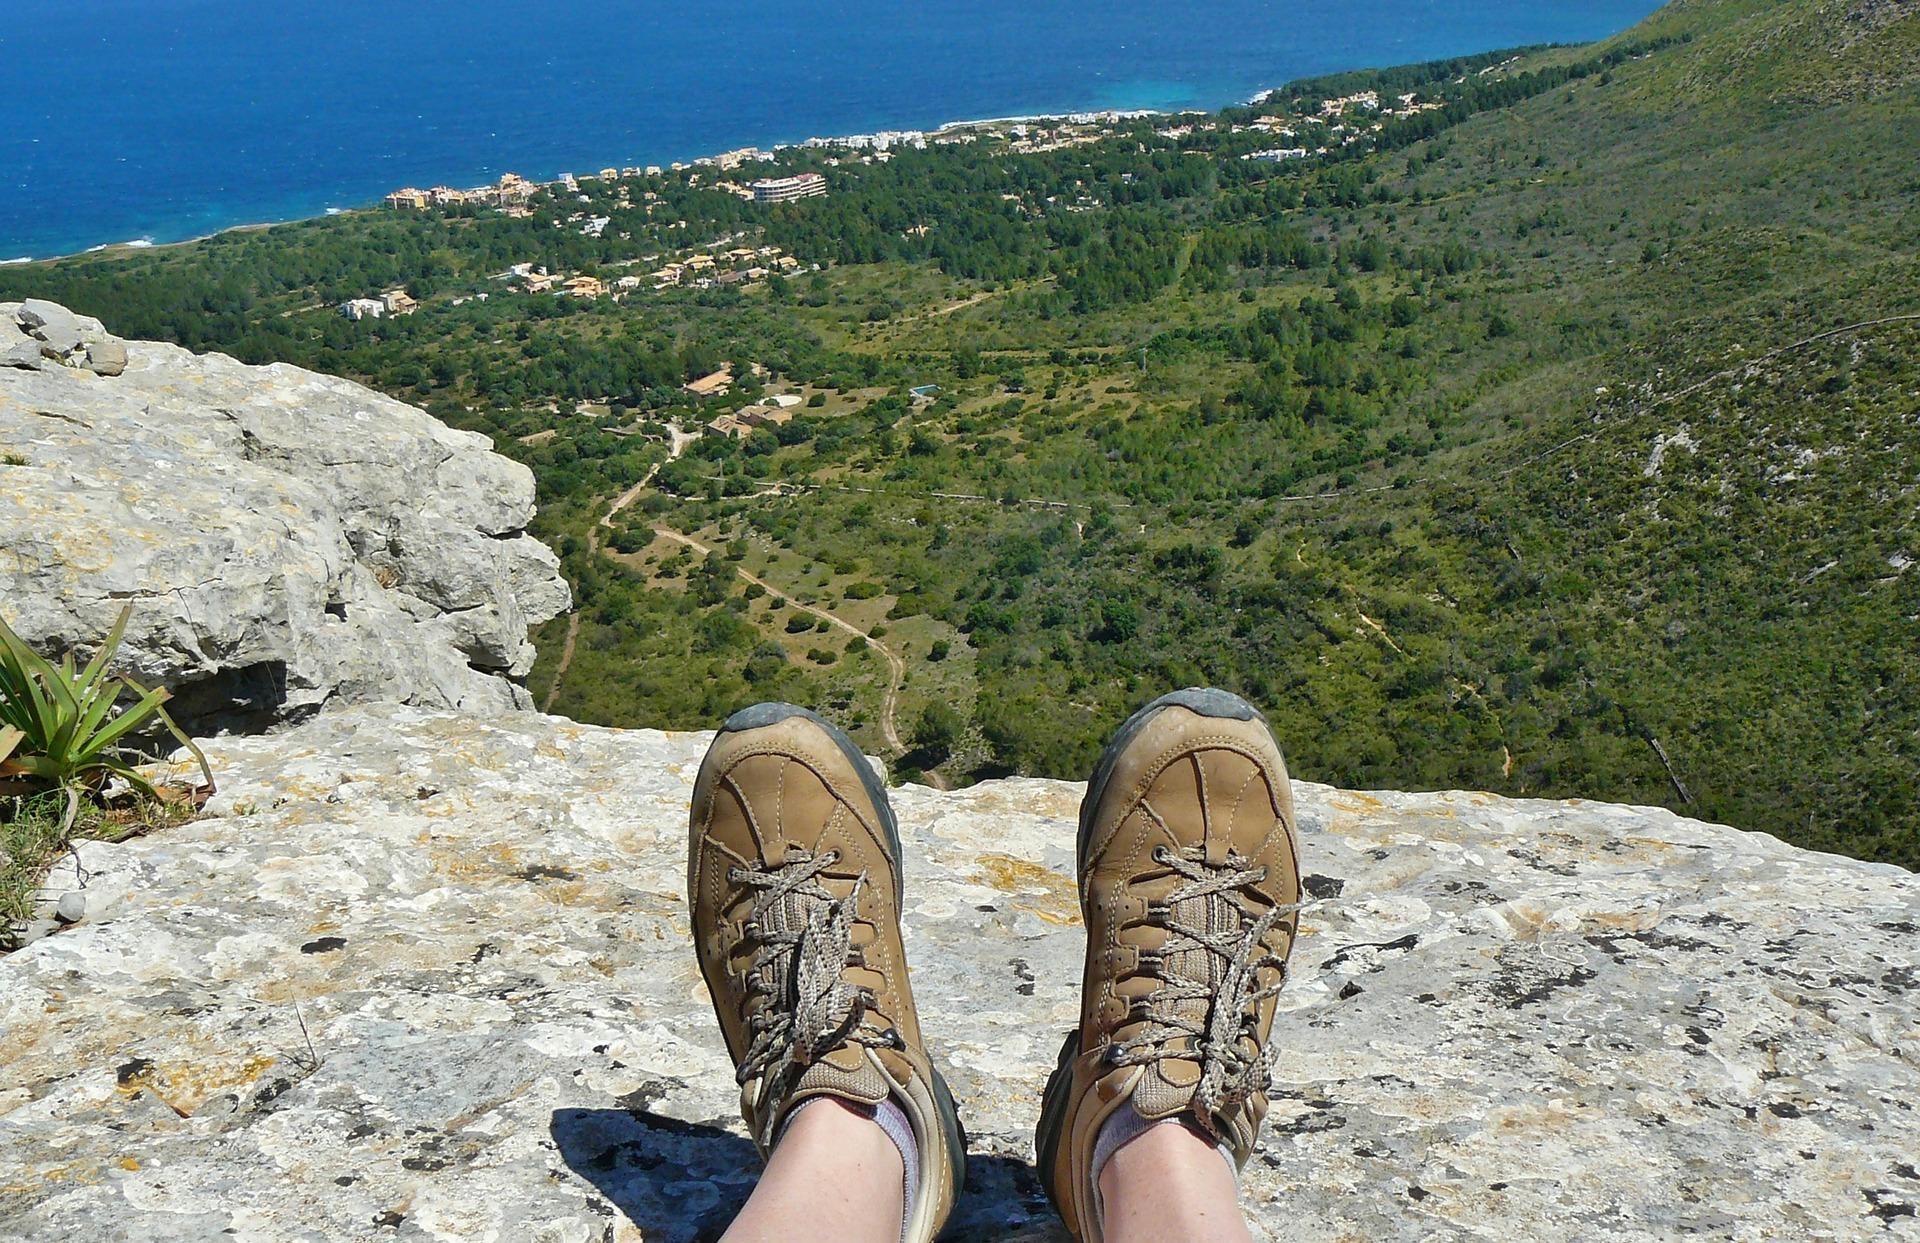 Mallorca lohnt sich nur im Sommer - naja bei dem Anblick kann man dem Winter gut entfliehen